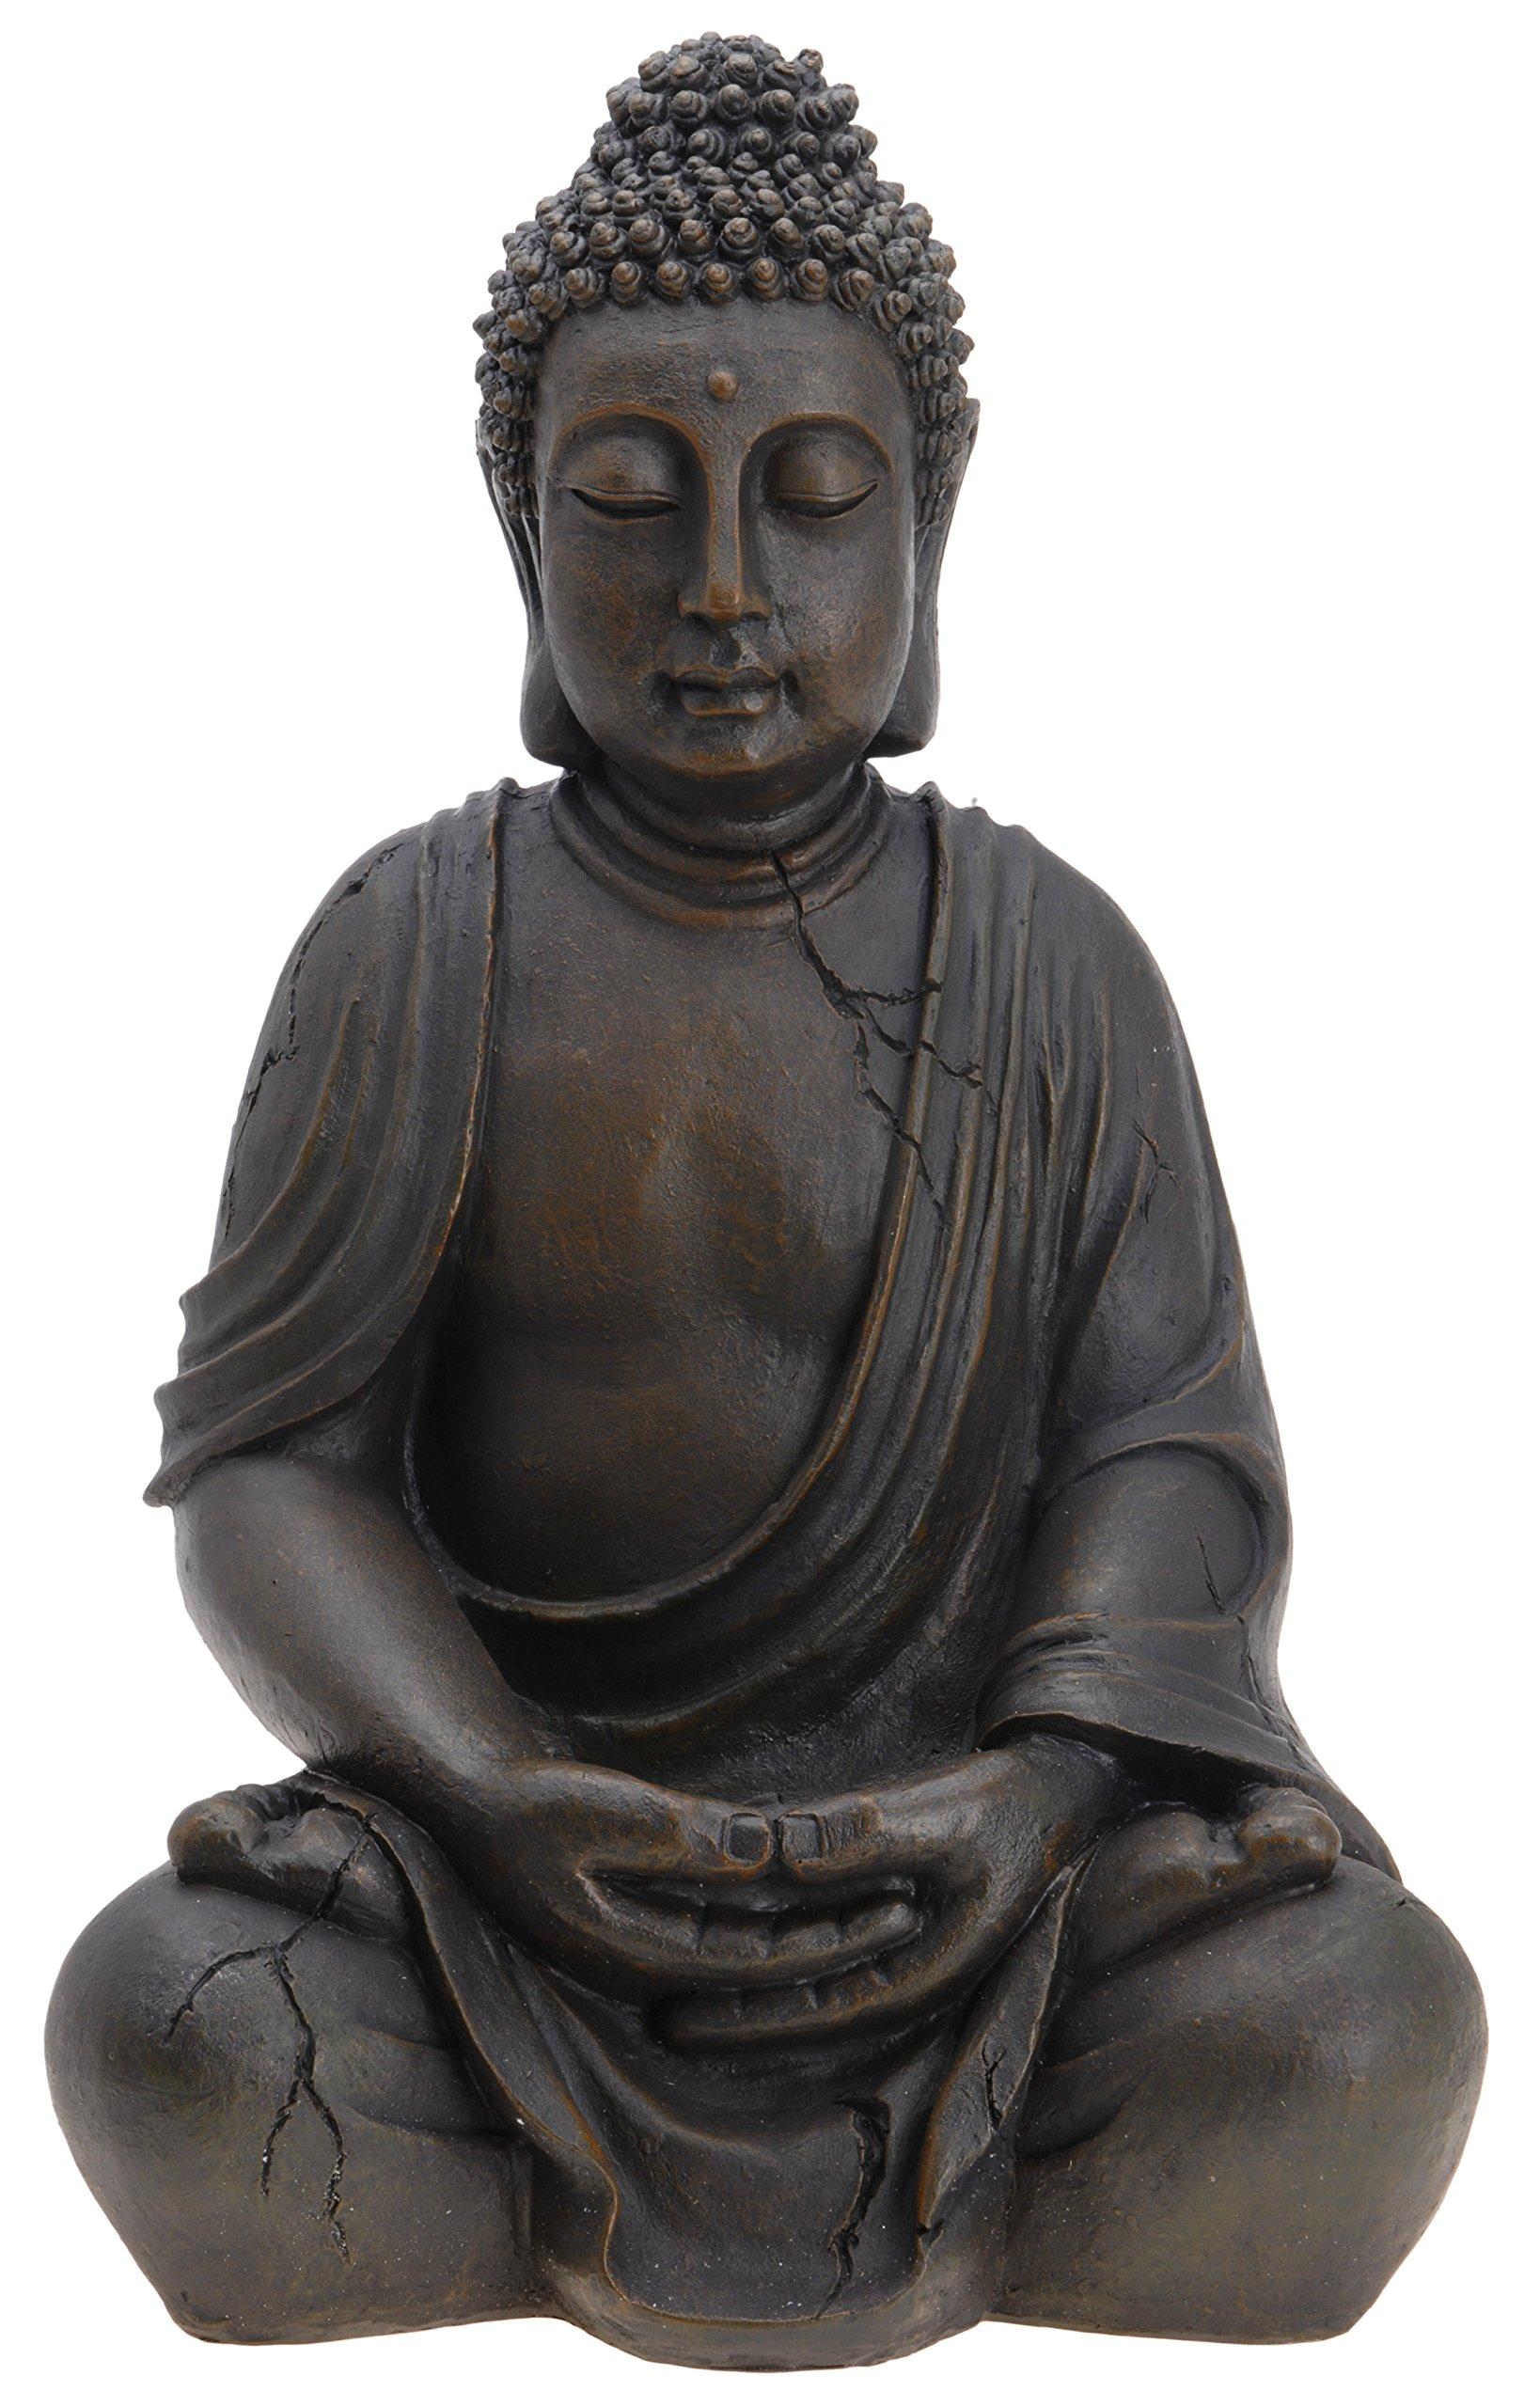 Unbekannt Buda Buda Escultura Figura Estatua 50cm Jardín Terraza: Amazon.es: Juguetes y juegos